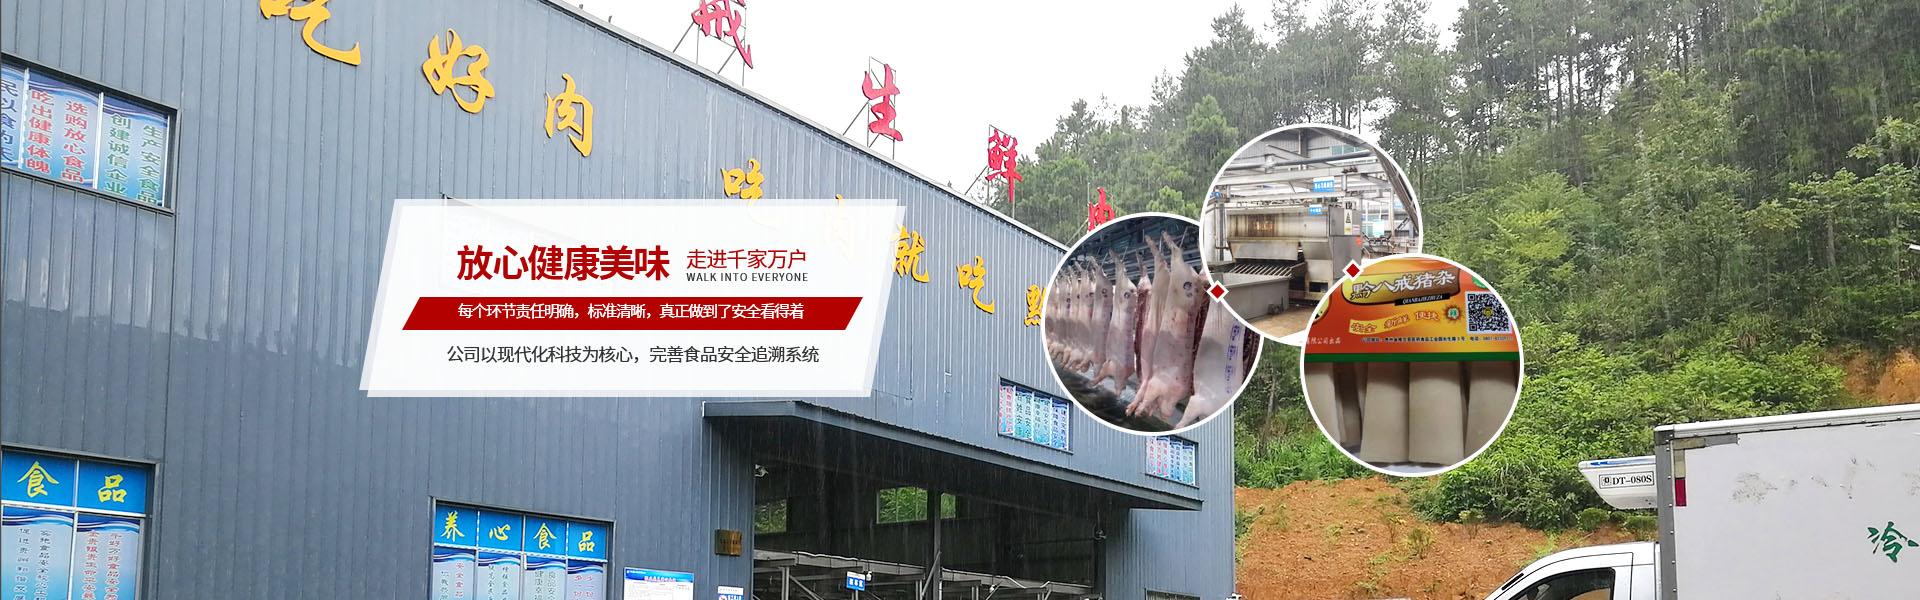 貴州肉品批發